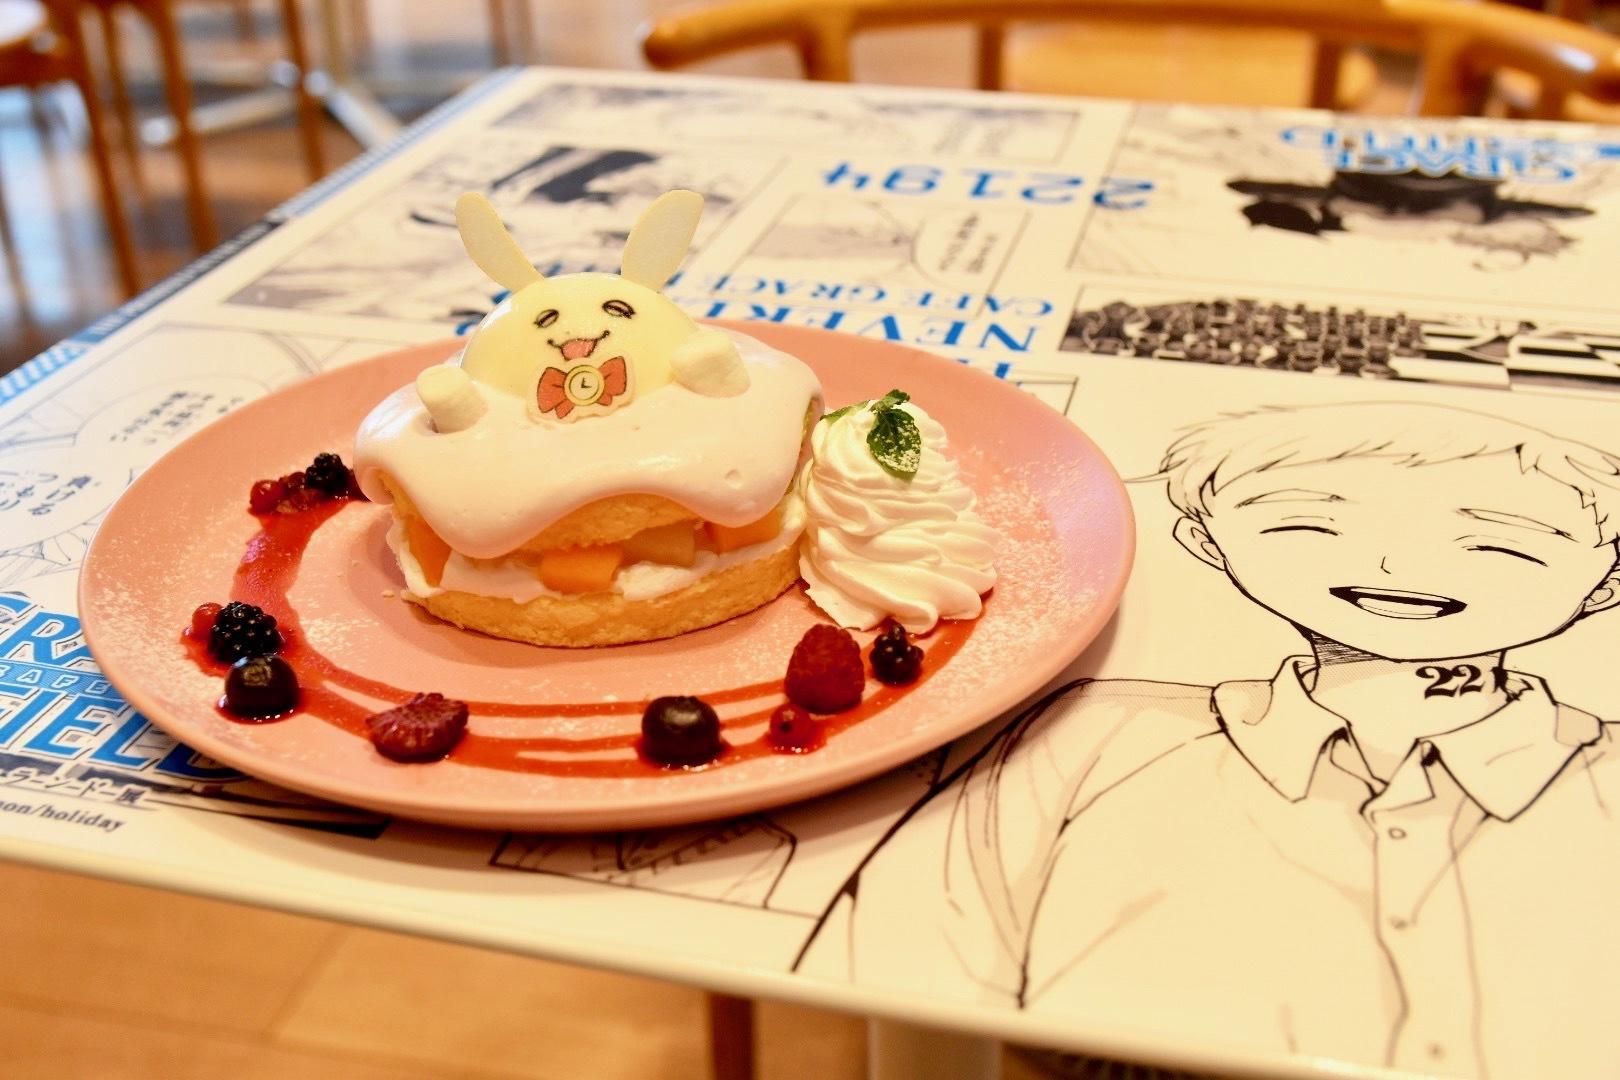 リトルバーニーショートケーキ(1,350円) (C)白井カイウ・出水ぽすか/集英社